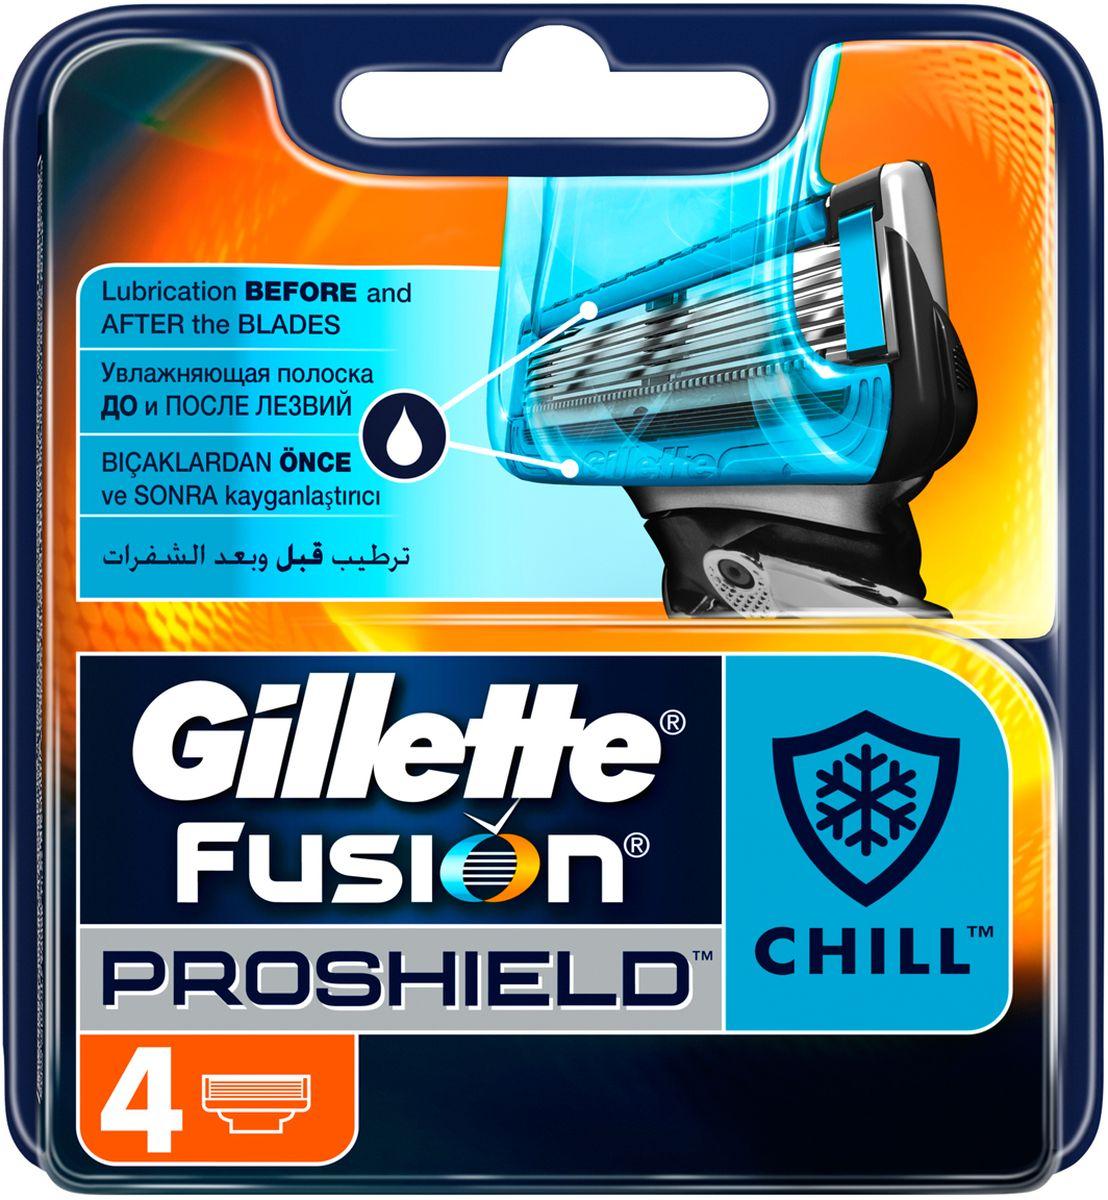 купить Gillette Fusion5 ProShield Chill Сменные Кассеты Для Бритвы, С Охлаждающей Технологией, 4 шт по цене 1559 рублей